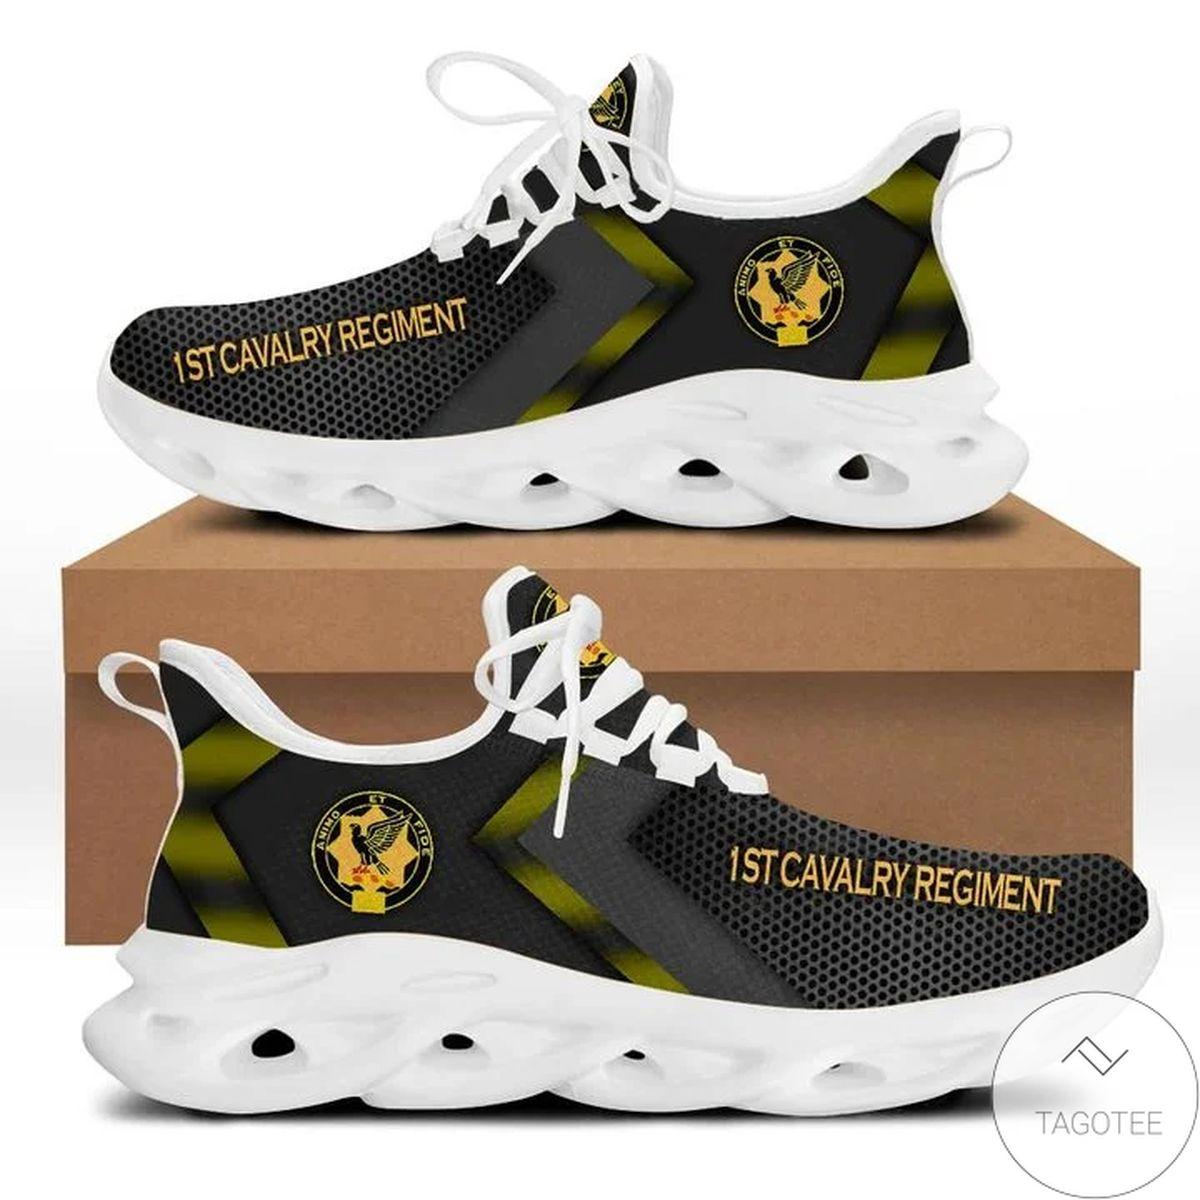 Best Shop 1st Cavalry Regiment Max Soul Shoes